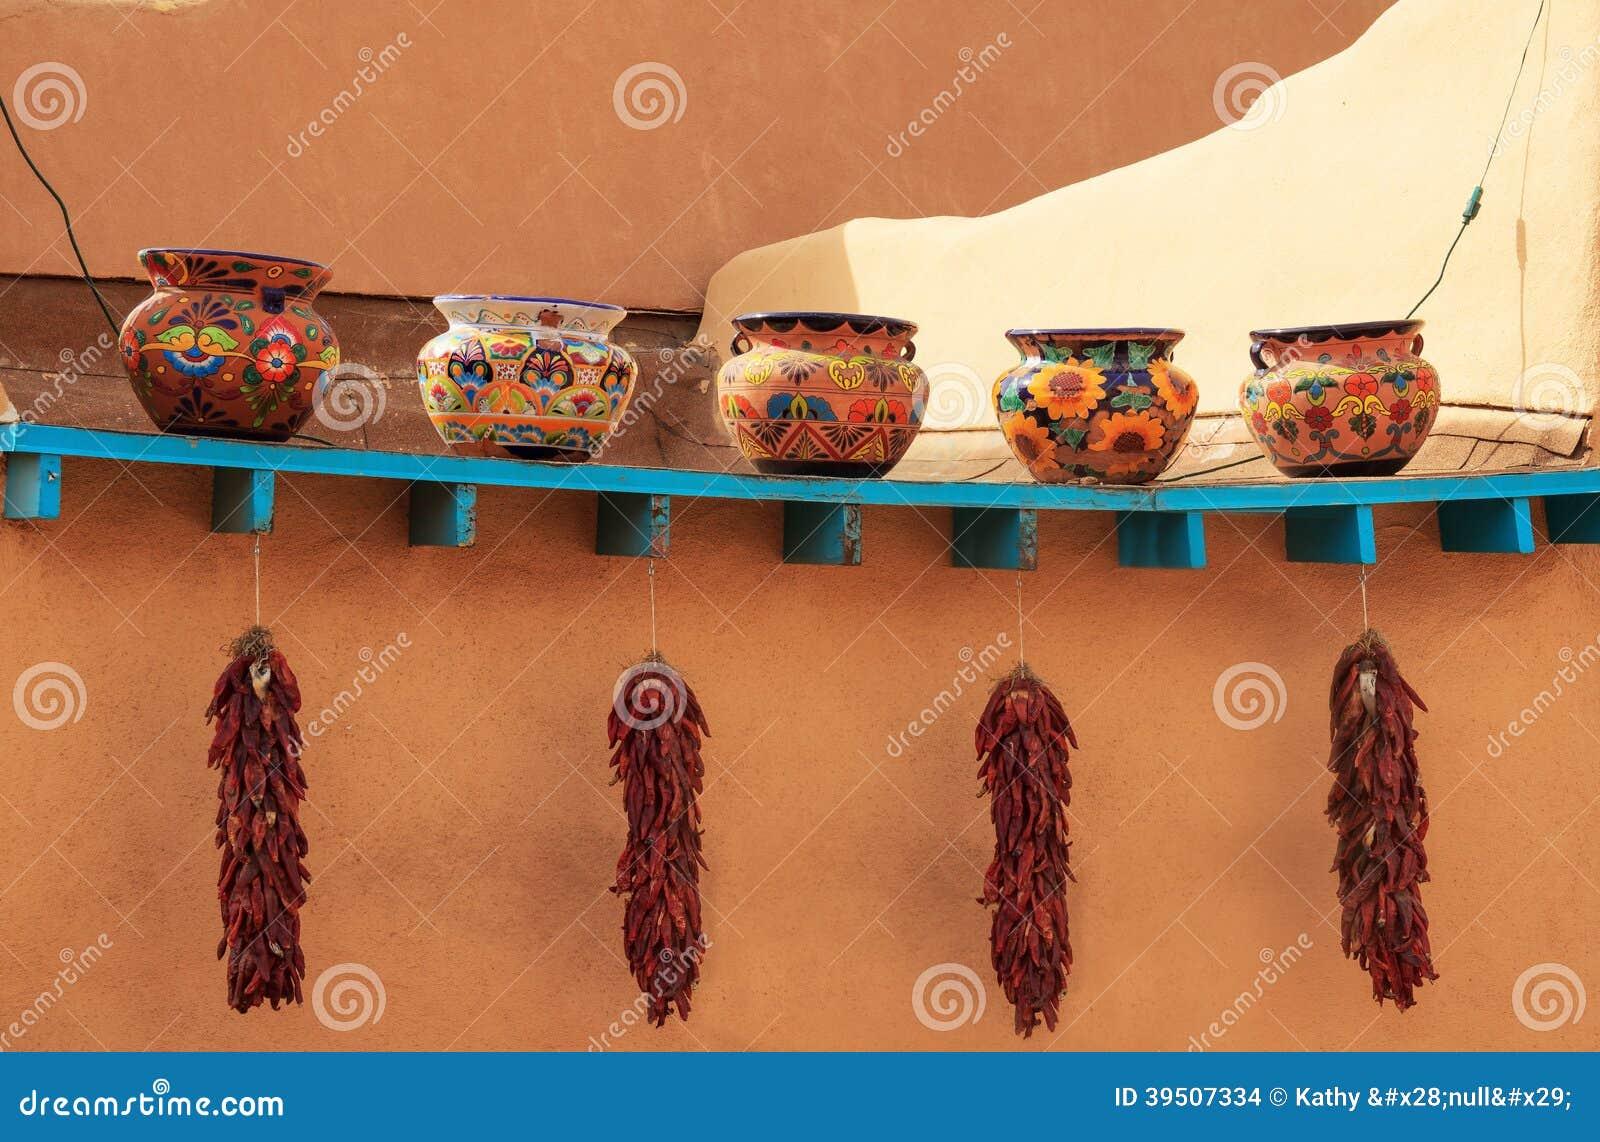 Decorative clay pots